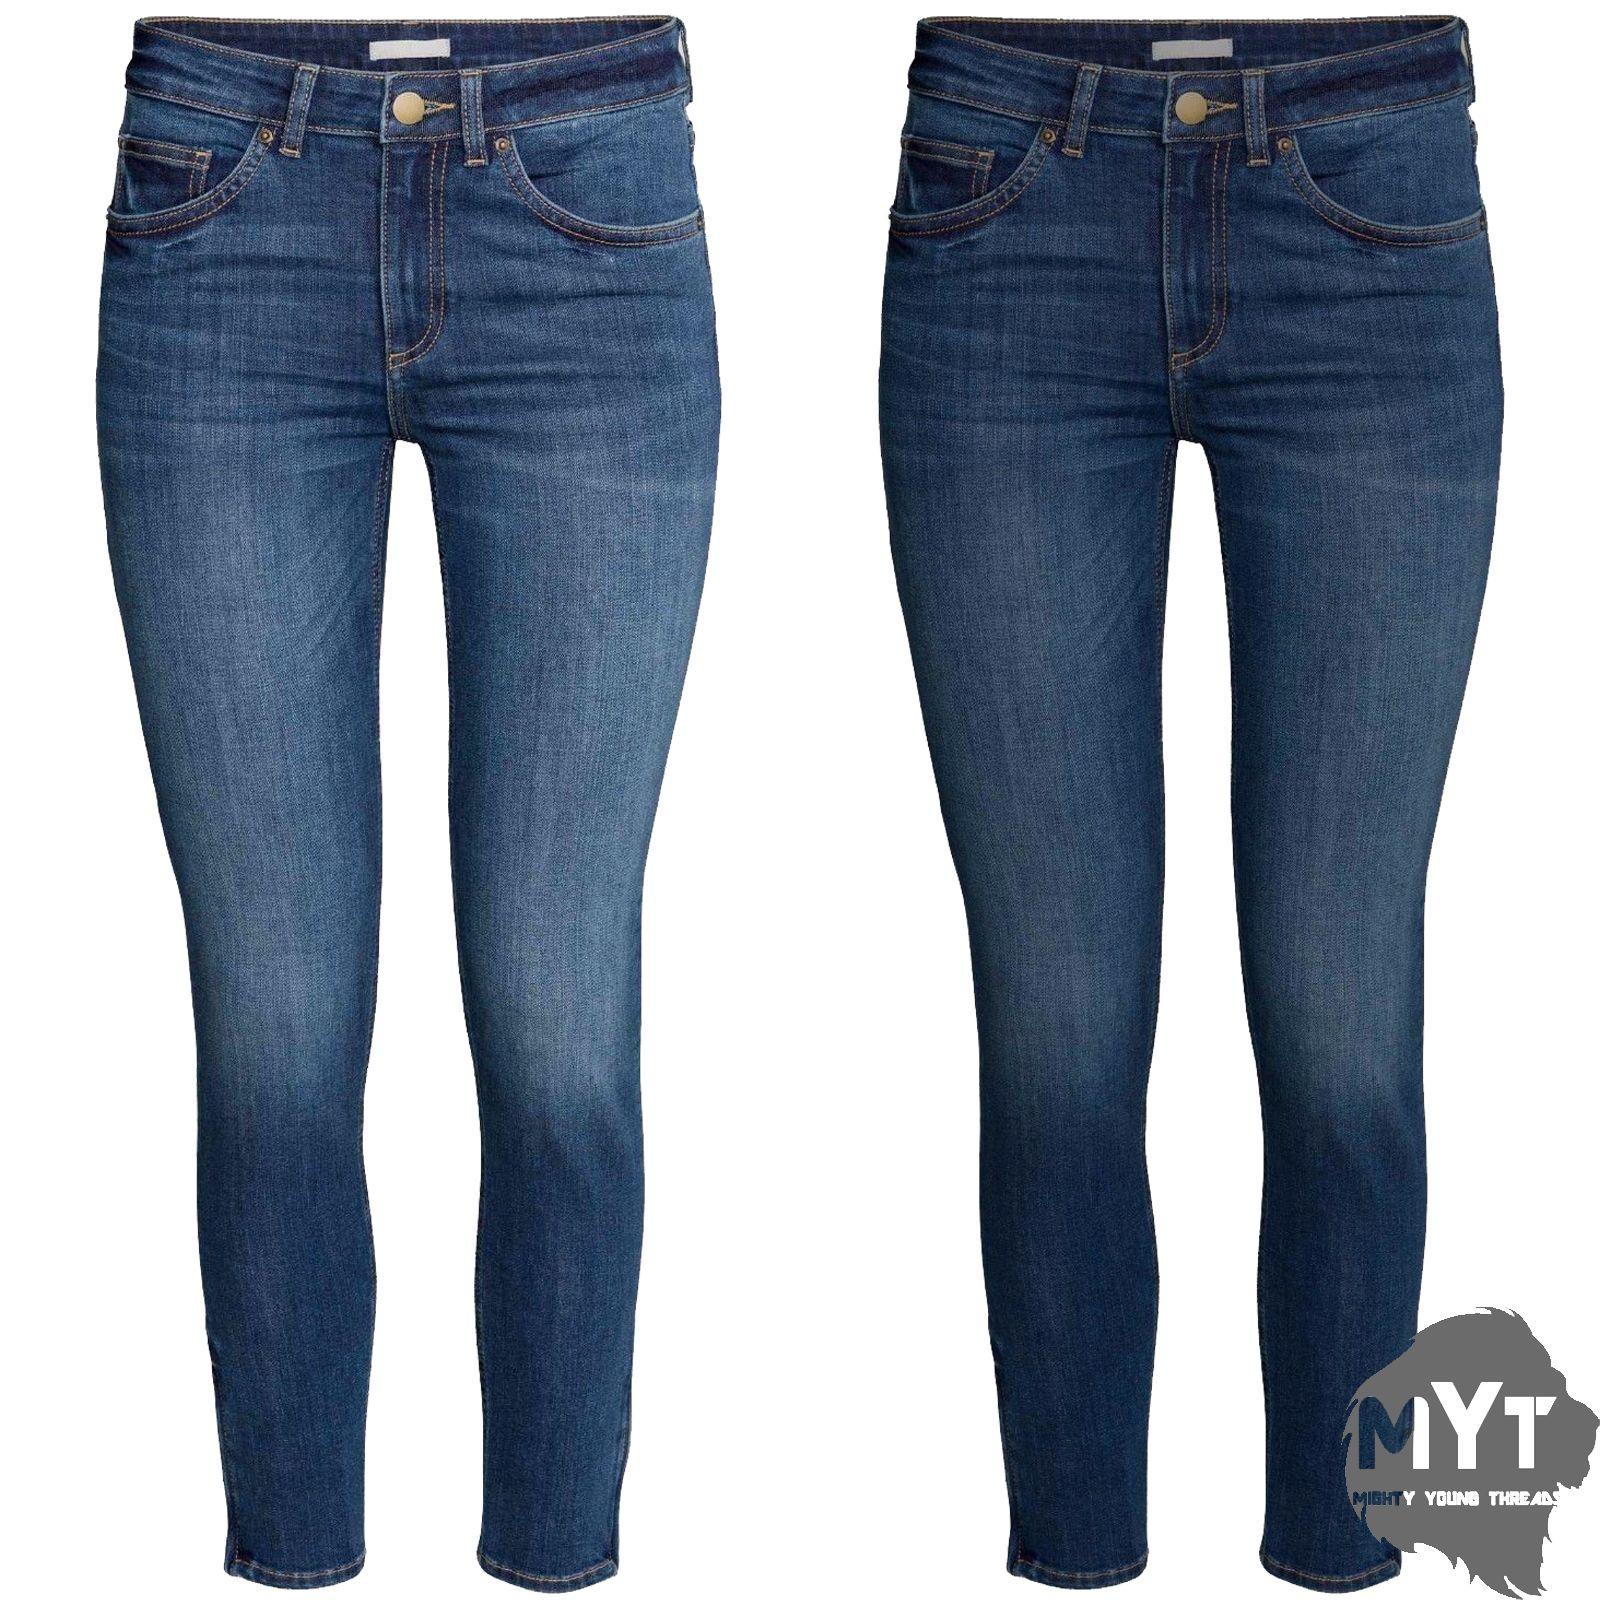 Damenmode Jeans ZARA BASIC DEPT DENIM Used Look Skinny Jeans